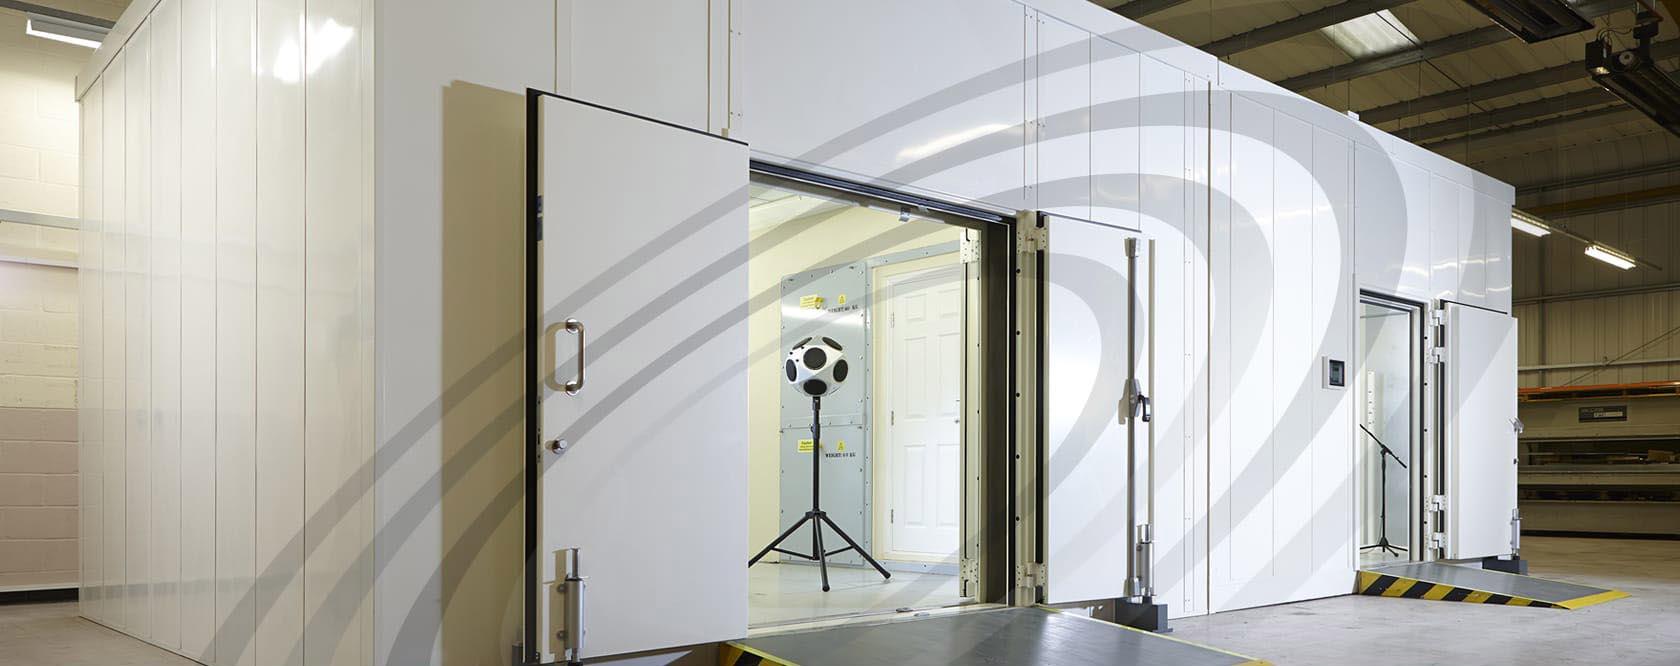 Noise-Lock D-59 Acoustic Doorsets, Lorient, UK